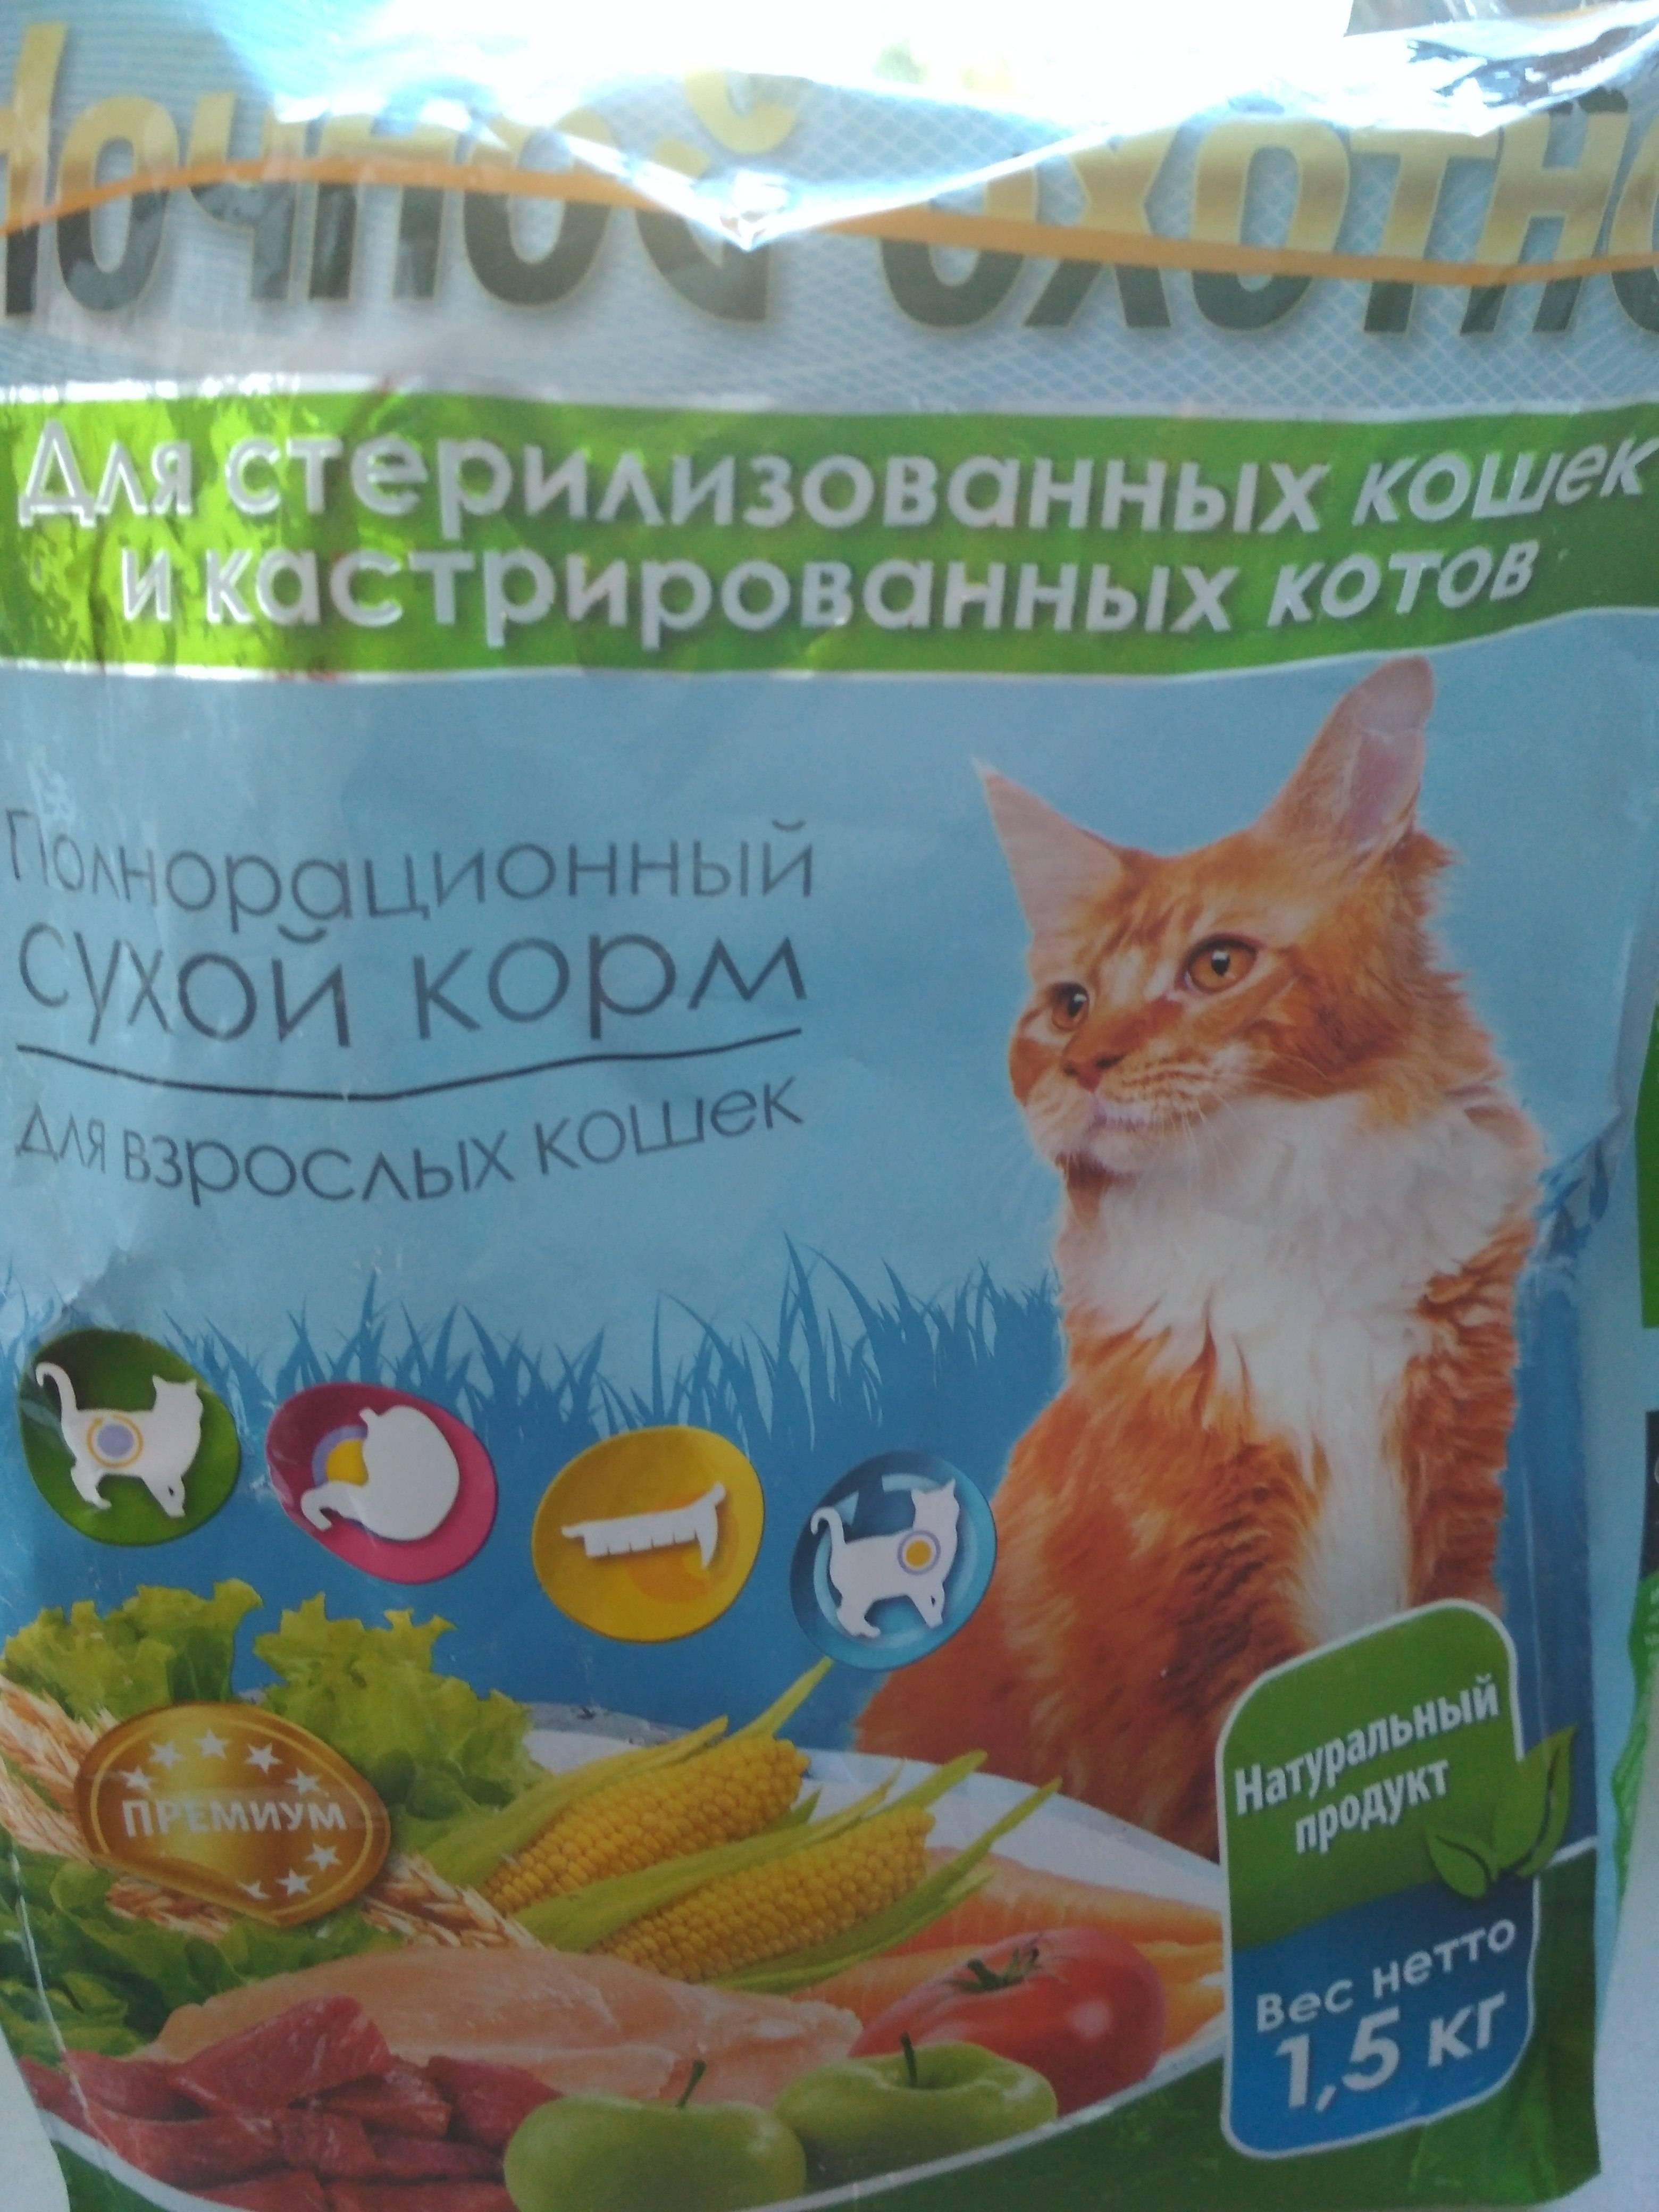 Корм для кошек ночной охотник: обзор, виды, отзывы